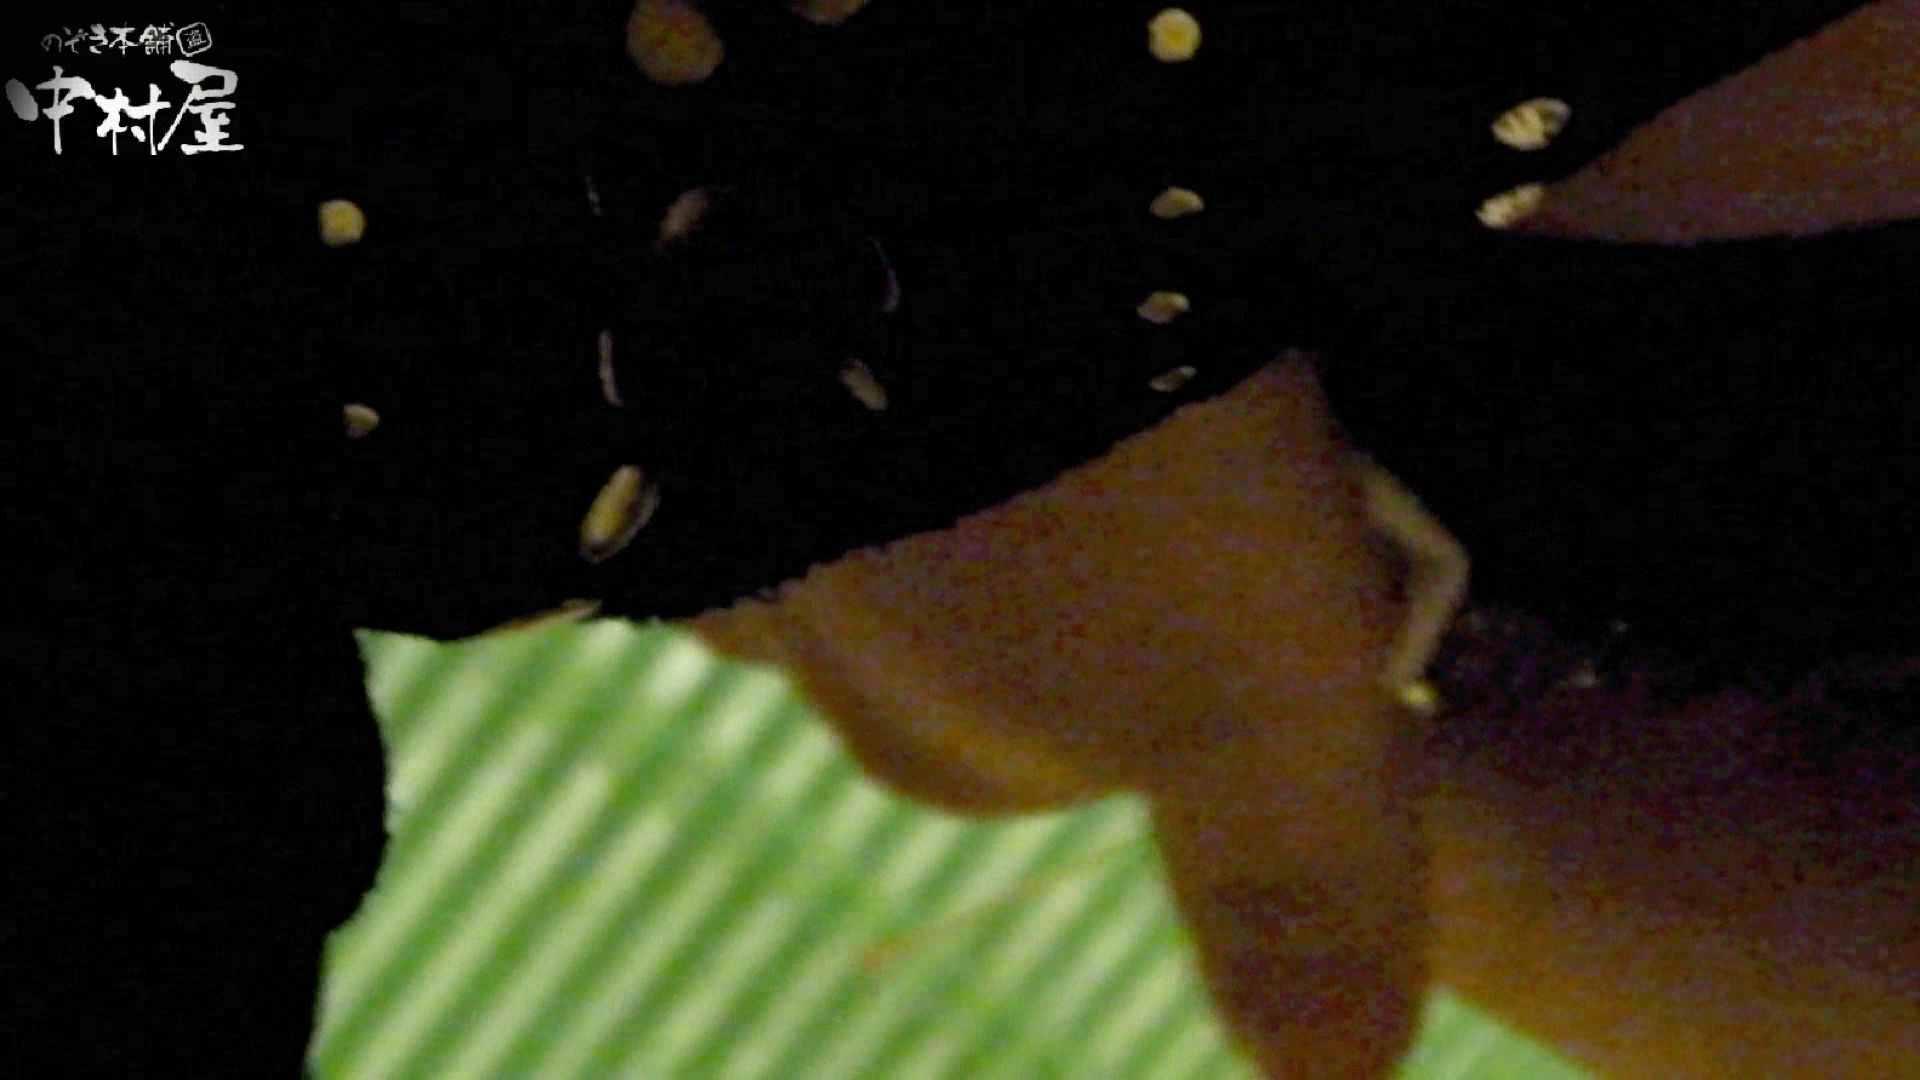 新世界の射窓 No70 世界の窓70 八頭身美女のエロい中腰 美女のカラダ | 洗面所  13pic 5